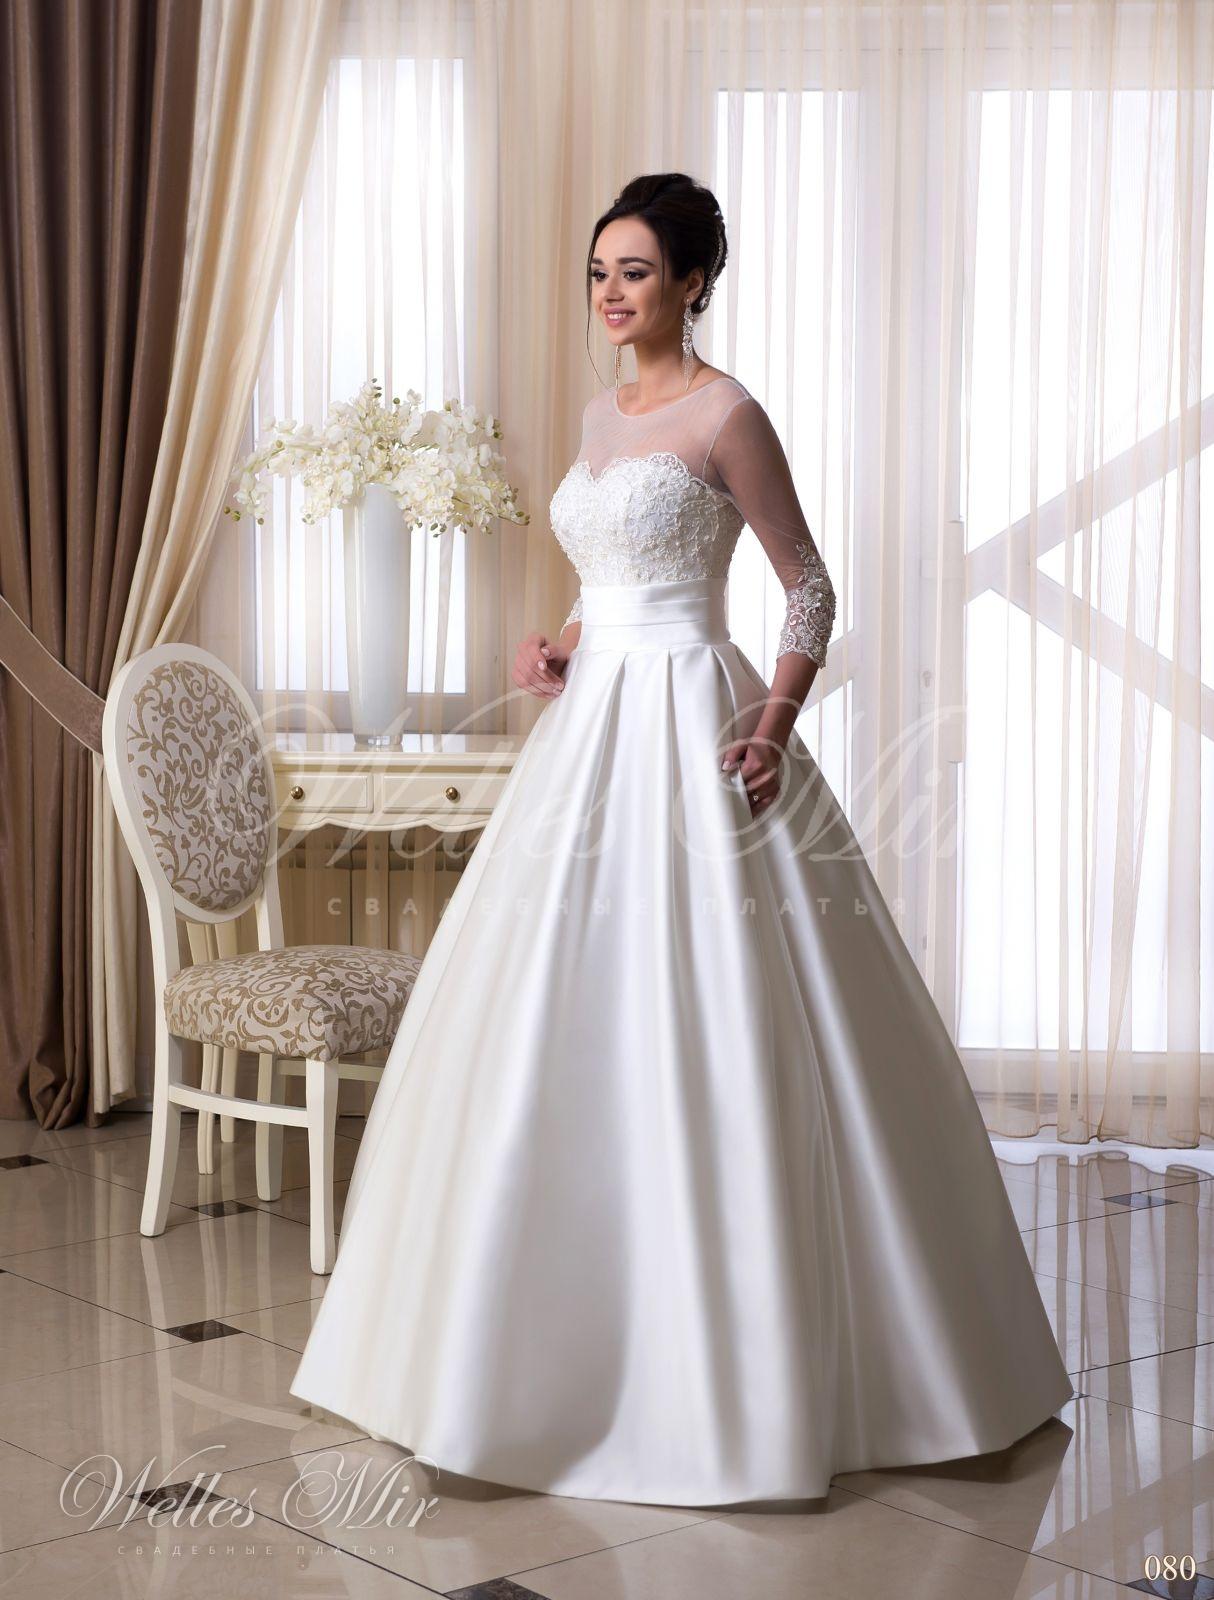 Свадебные платья Charming Elegance - 080